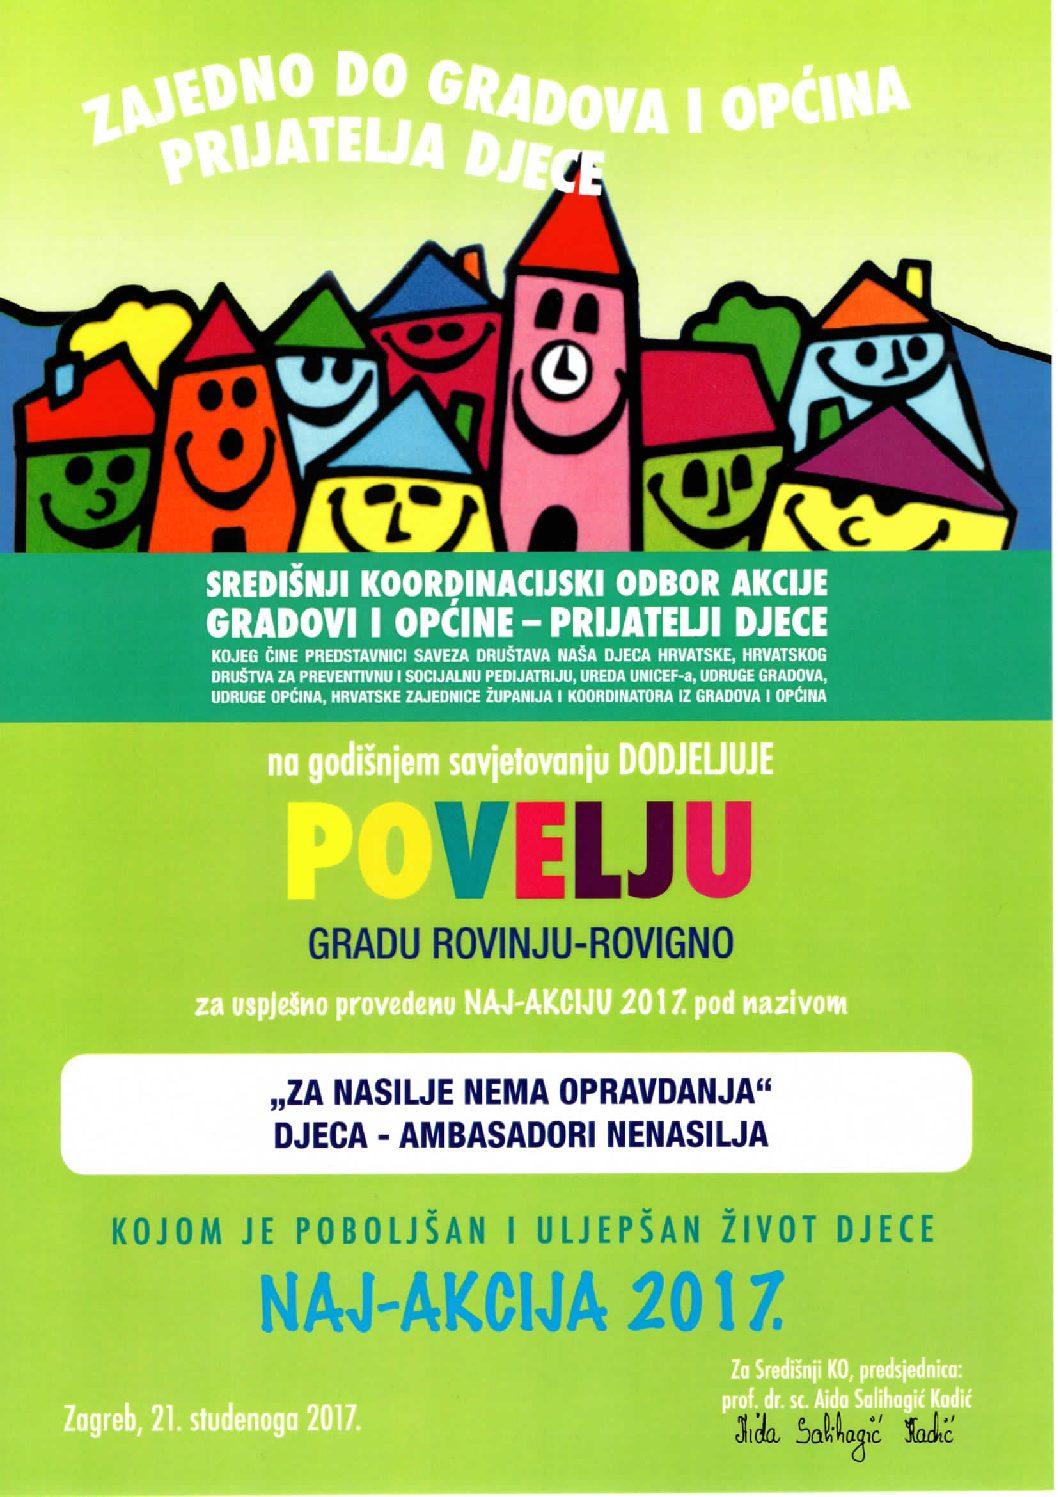 """Alla Città di Rovinj-Rovigno e' stato assegnato il Riconoscimento per aver attuato con successo l'azione intitolata """"Per la violenza non ci sono giustificazioni – I bambini ambasciatori della nonviolenza""""."""